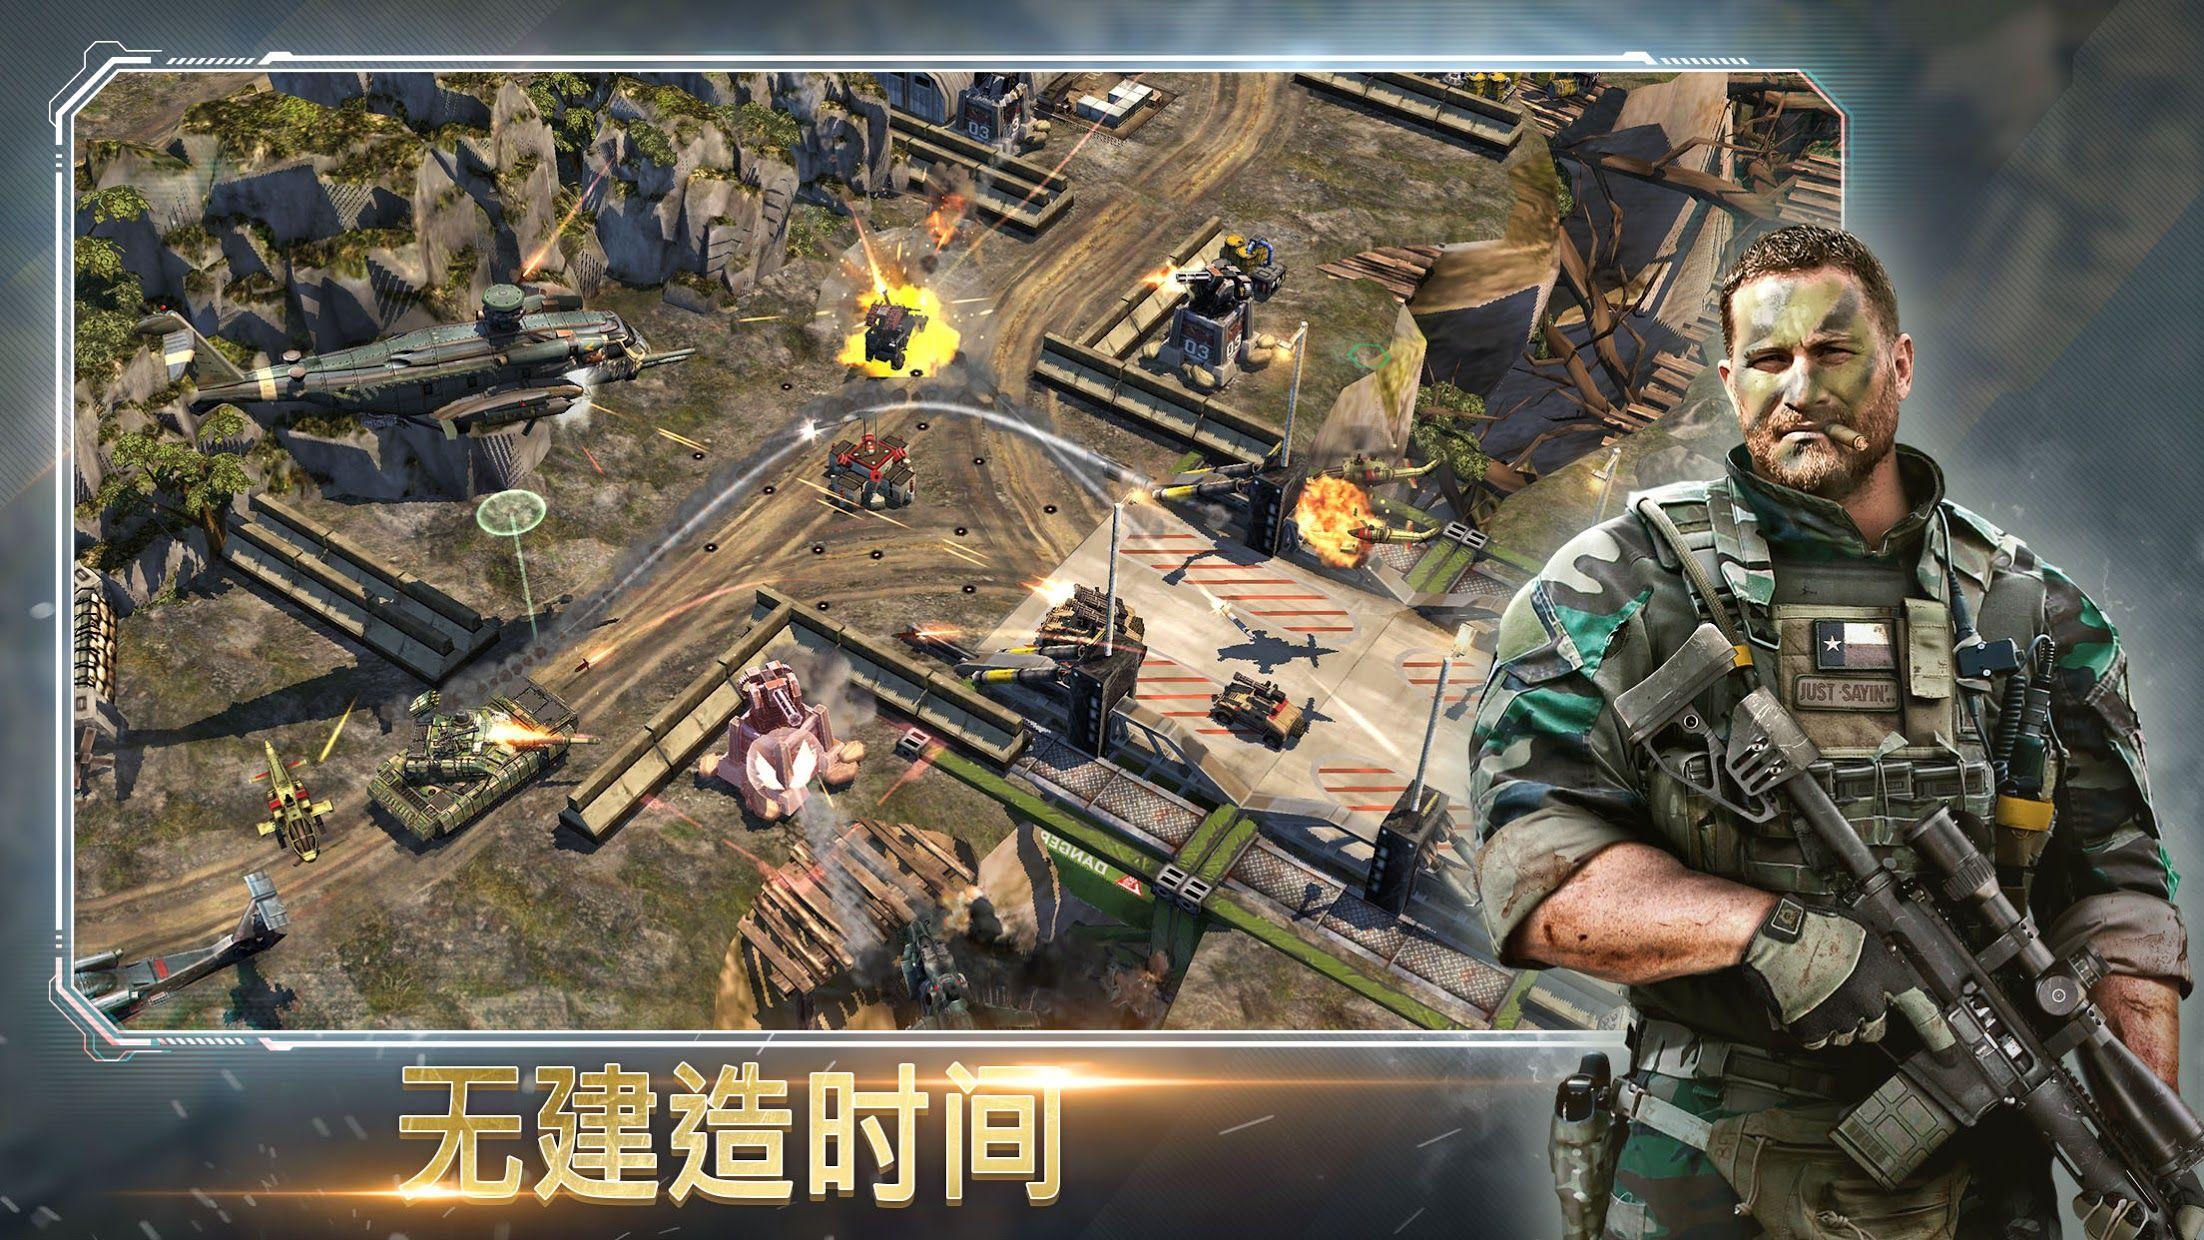 战争指挥官:恶棍攻击 游戏截图1